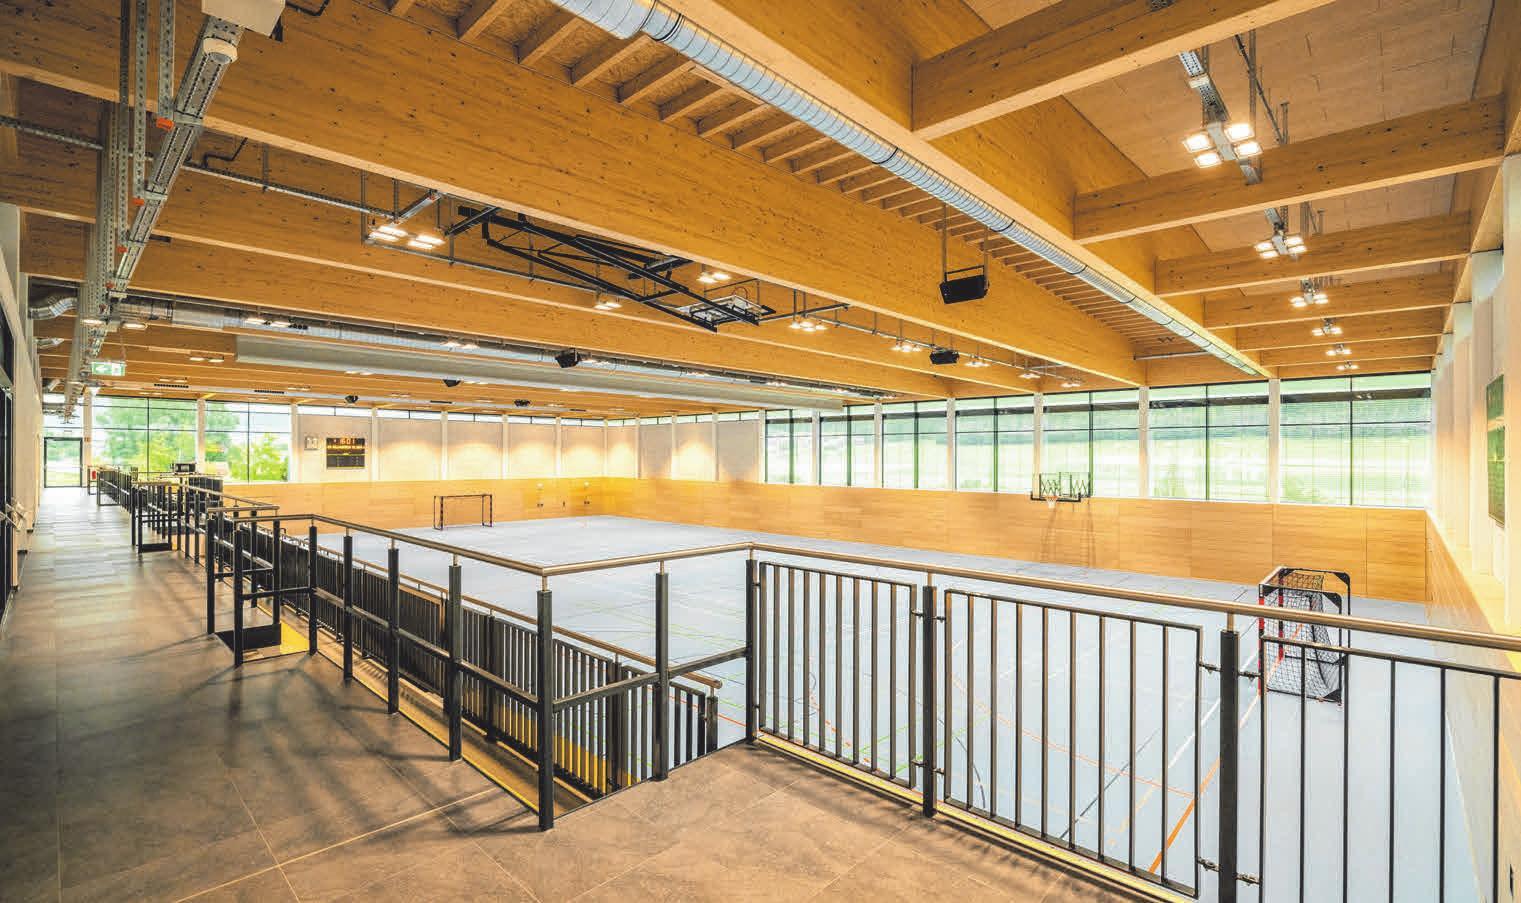 Der Neubau besteht aus einem zweigeschossigen Gebäude, das in eine Zweifeld-Sporthalle und einen Infrastrukturvorbau aufgeteilt ist. FOTOS: MICHAEL STIFTER